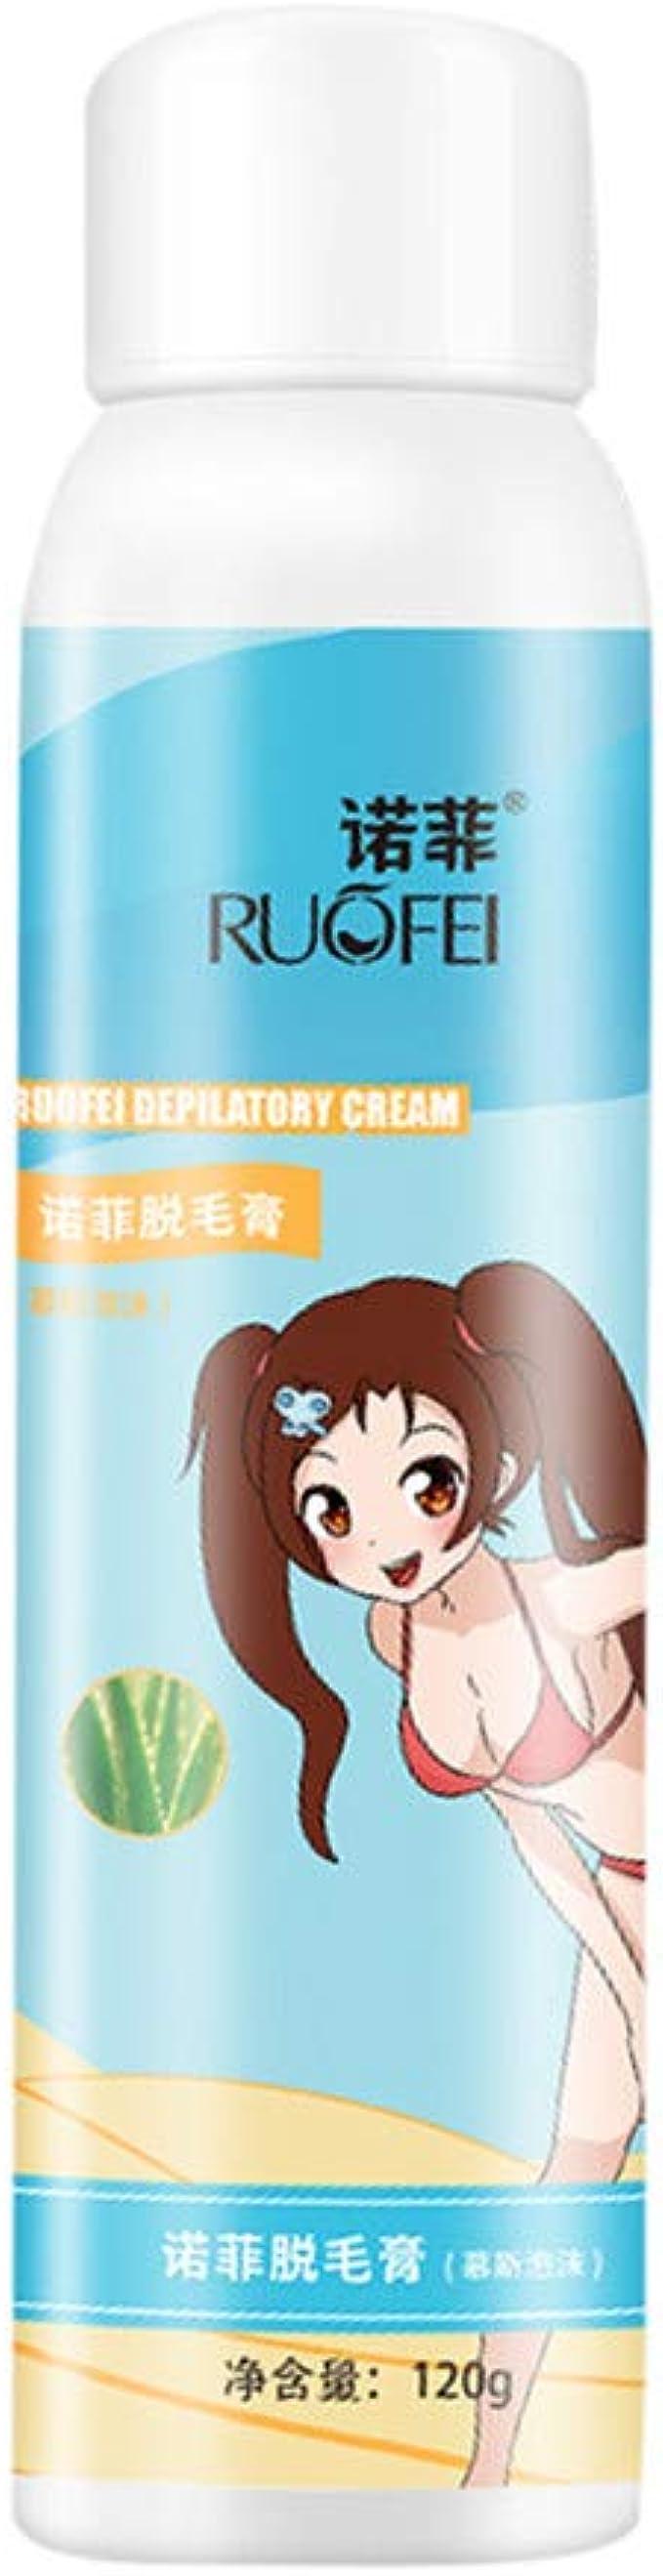 Sunbona Clearance Sale Nofi - Spray para depilación de cabello, crema depilatoria permanente sin dolor, suave - Multi - talla única: Amazon.es: Ropa y accesorios